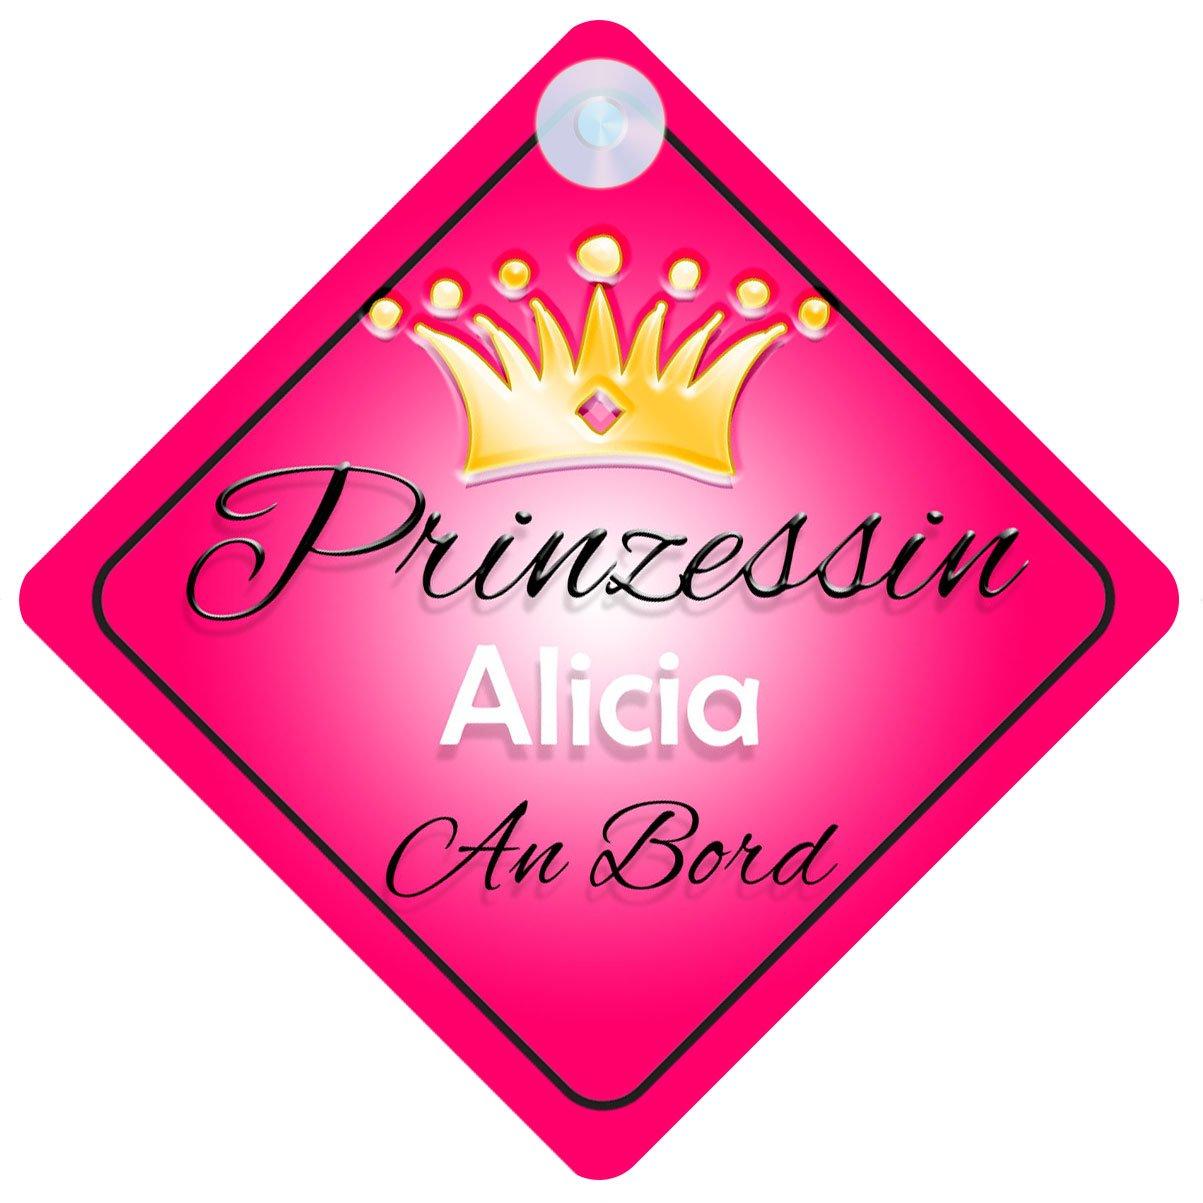 Prinzessin Alicia Baby / Kind an Bord Mä dchen Auto-Zeichen (Prinzessin001) Quality Goods Ltd